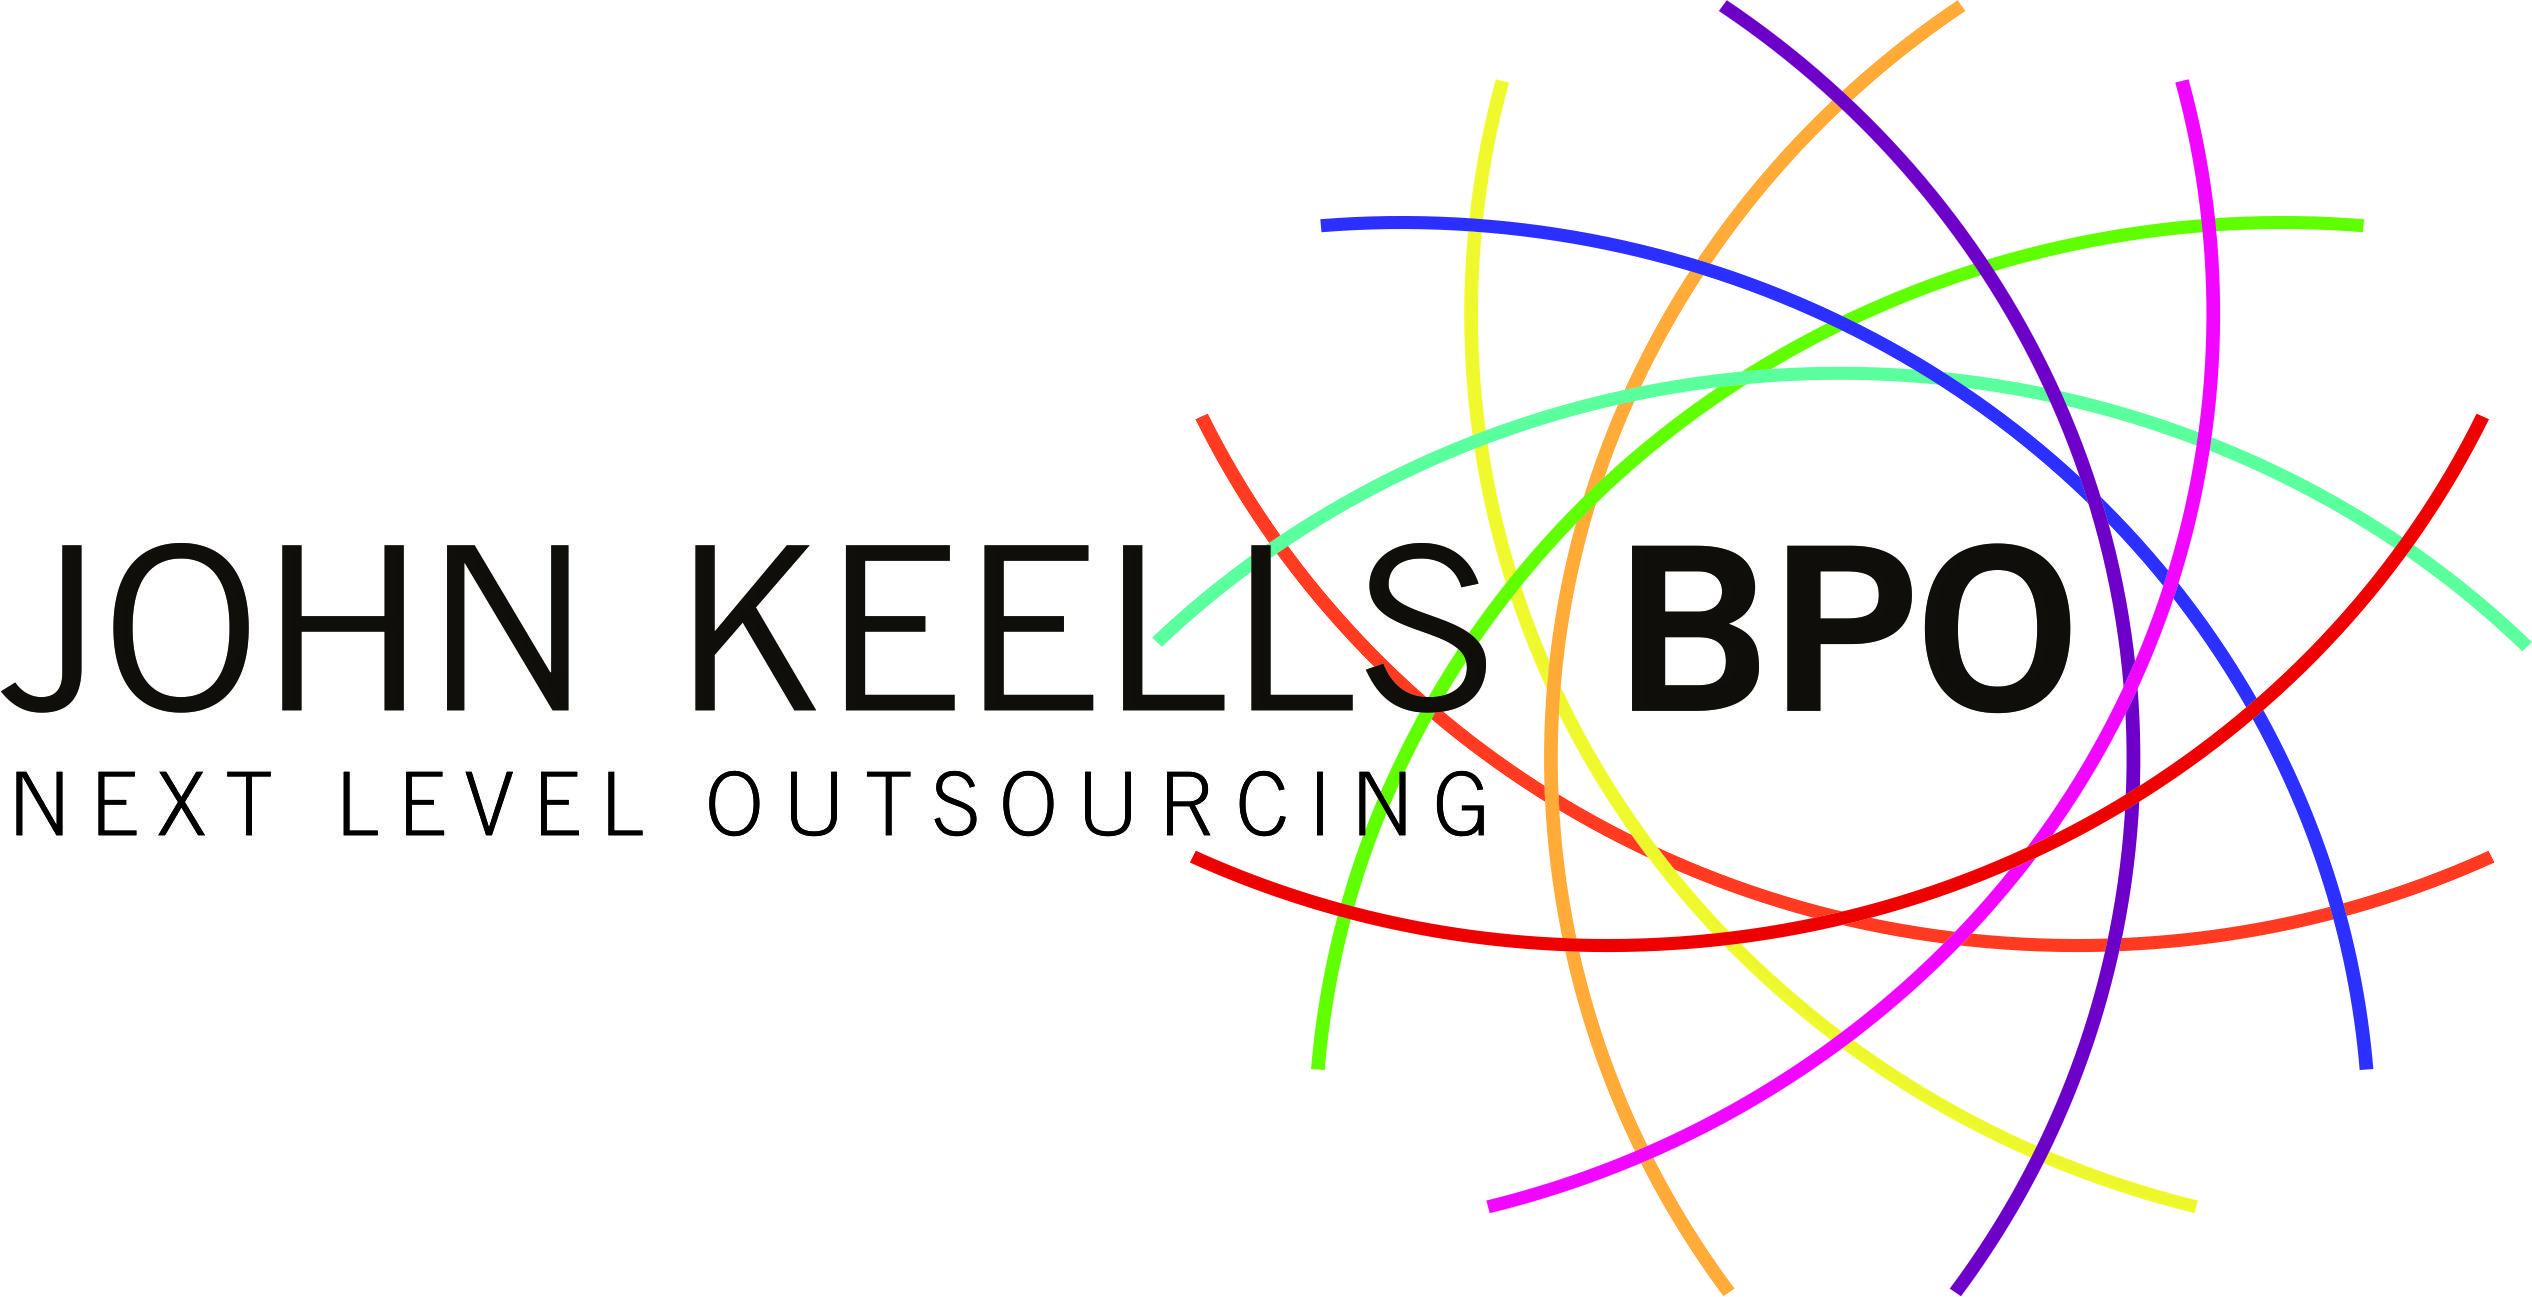 John Keells BPO